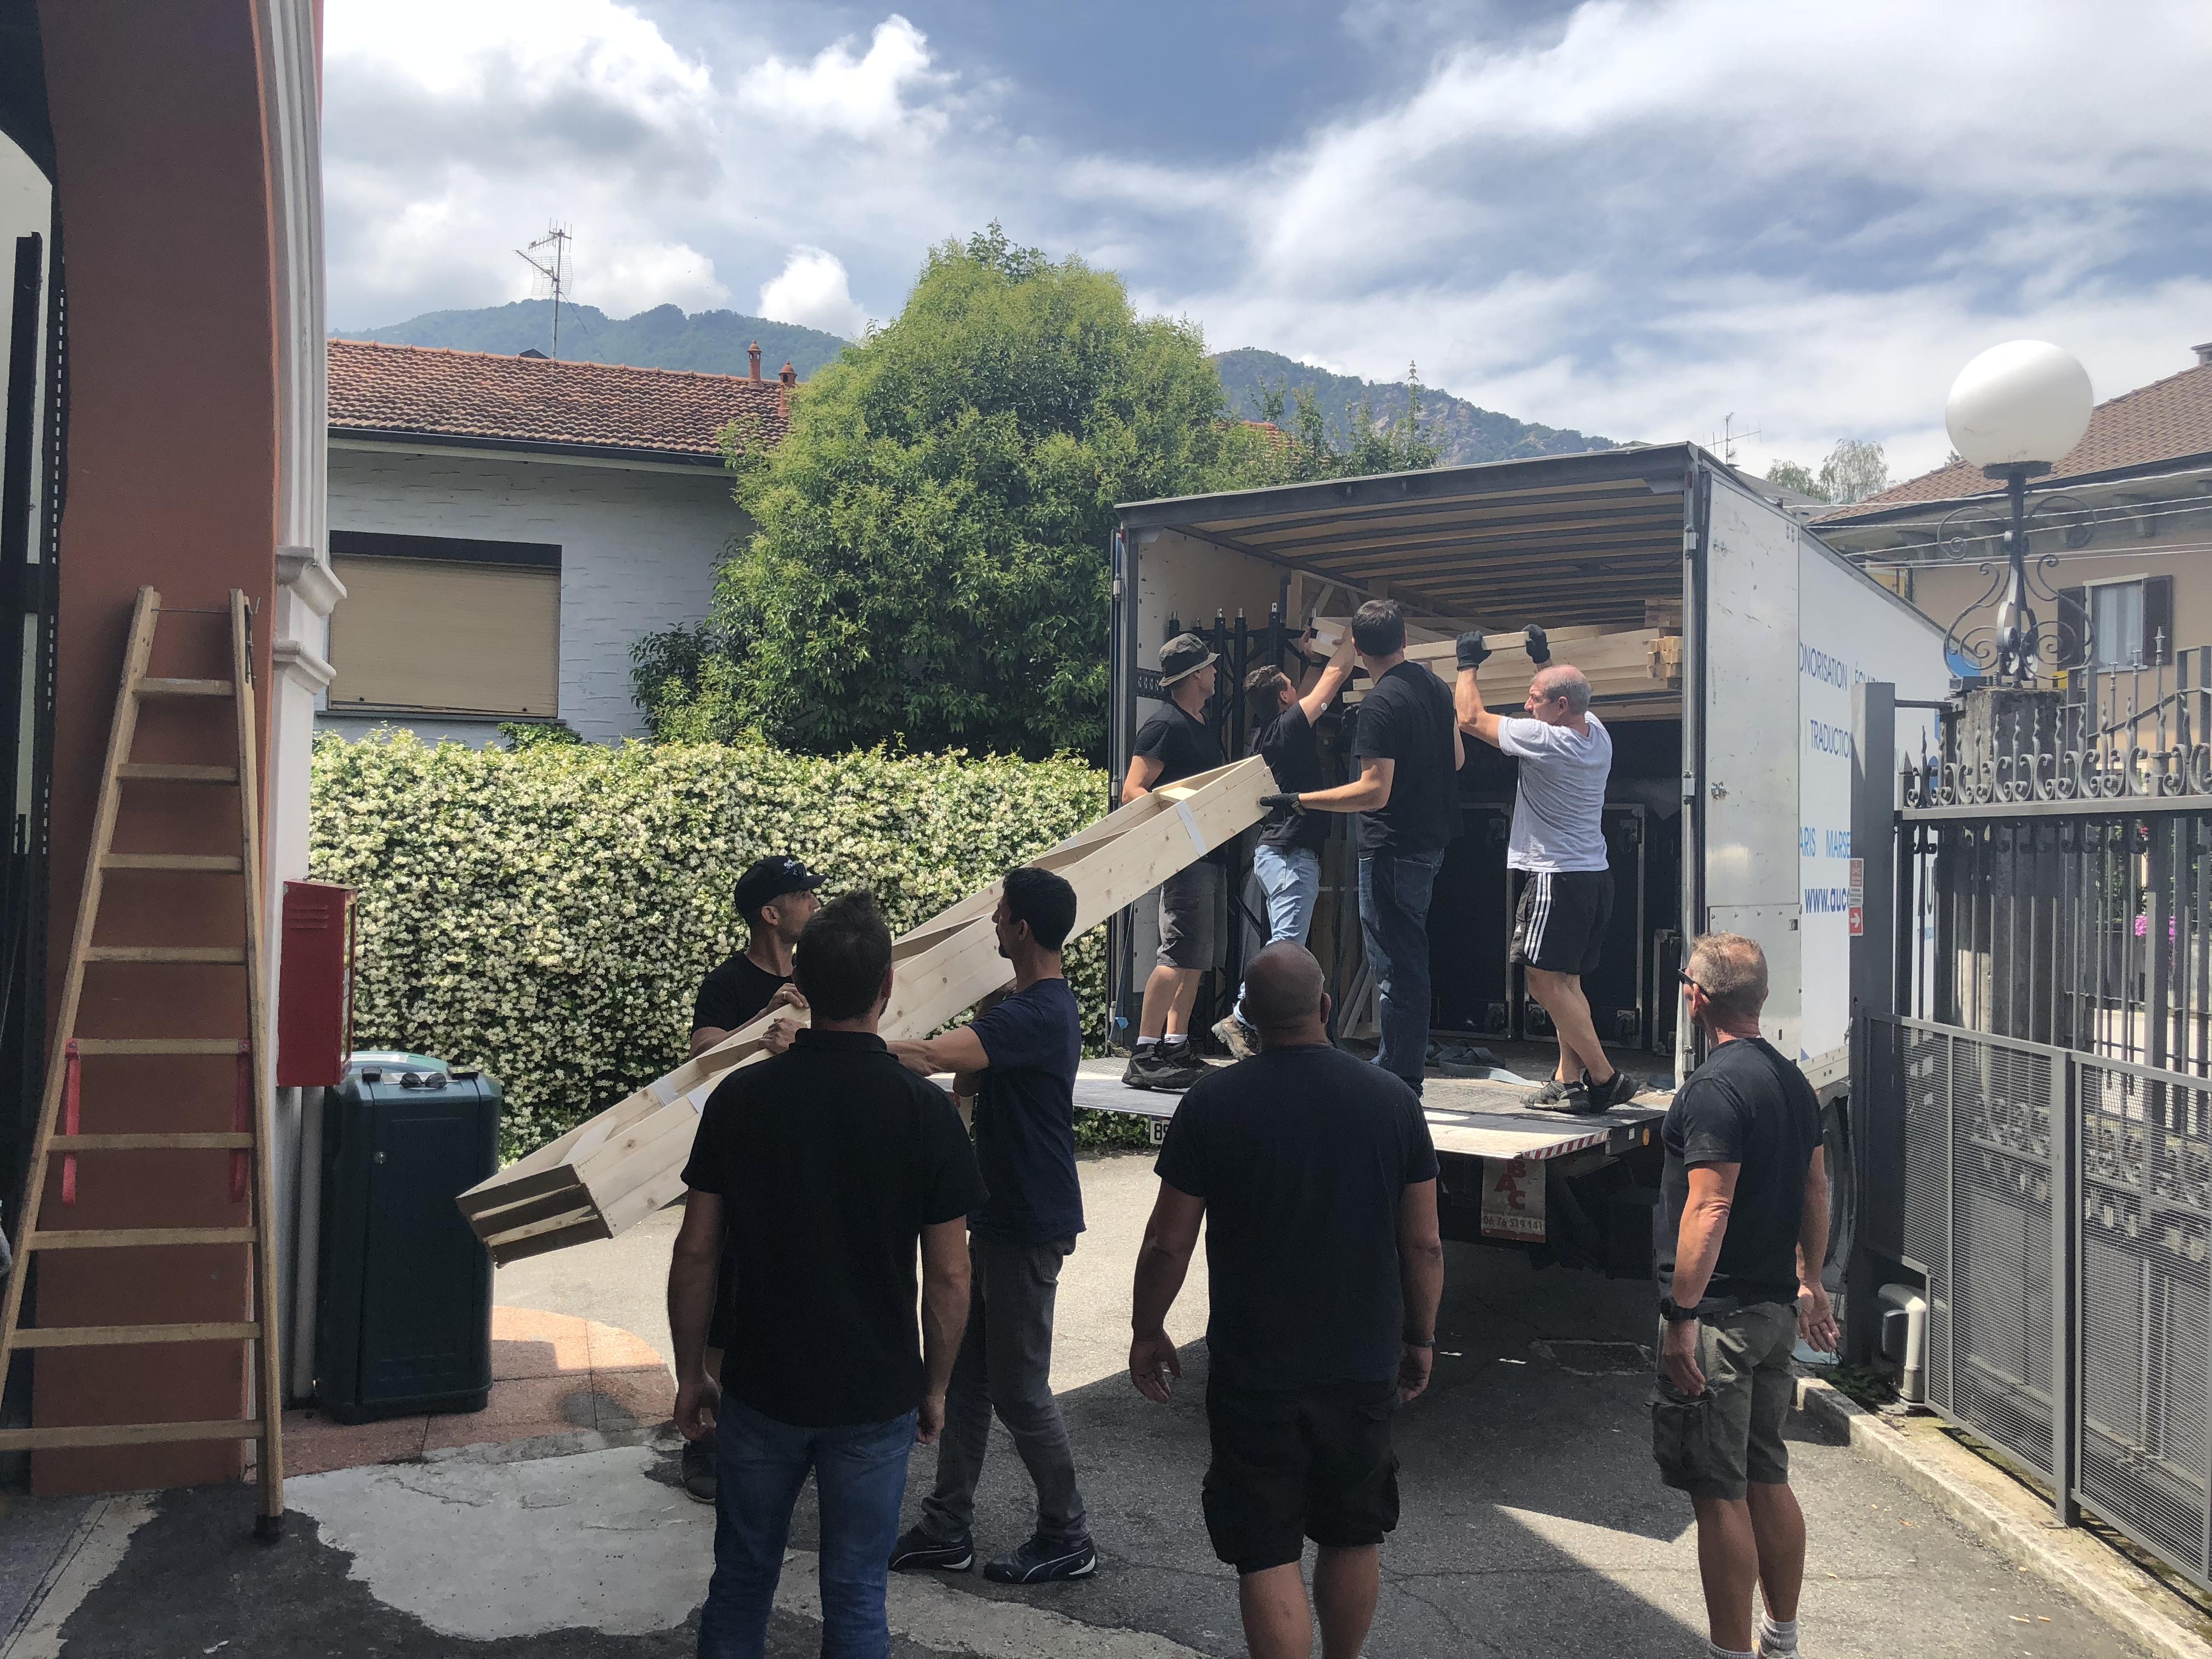 aucop-event-italie-twobevents-lac majeur-son-video-deco-scene